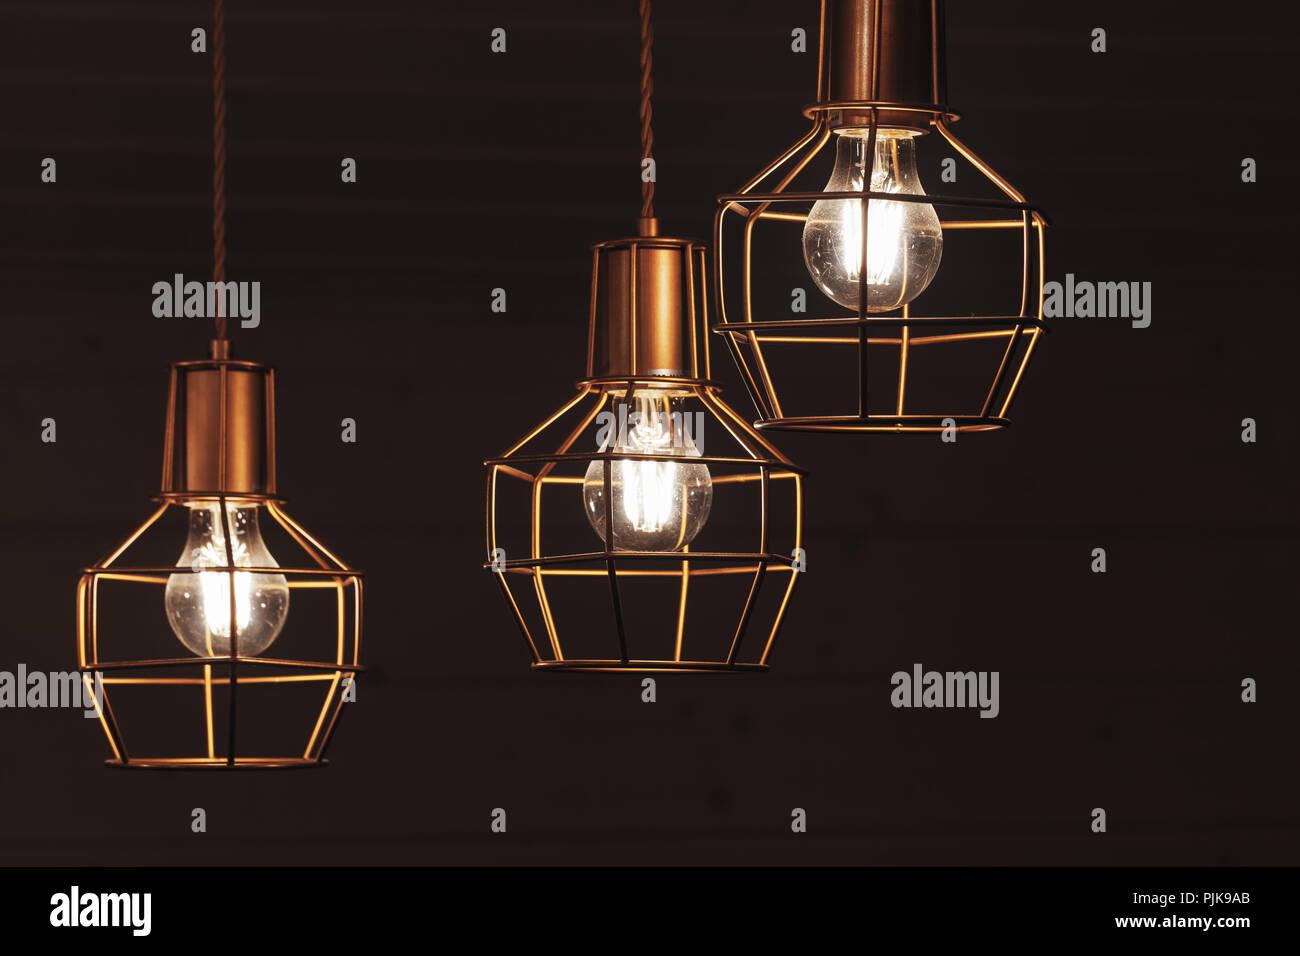 Lampadario con appesi a tre lampade a bulbo led giallo gli elementi